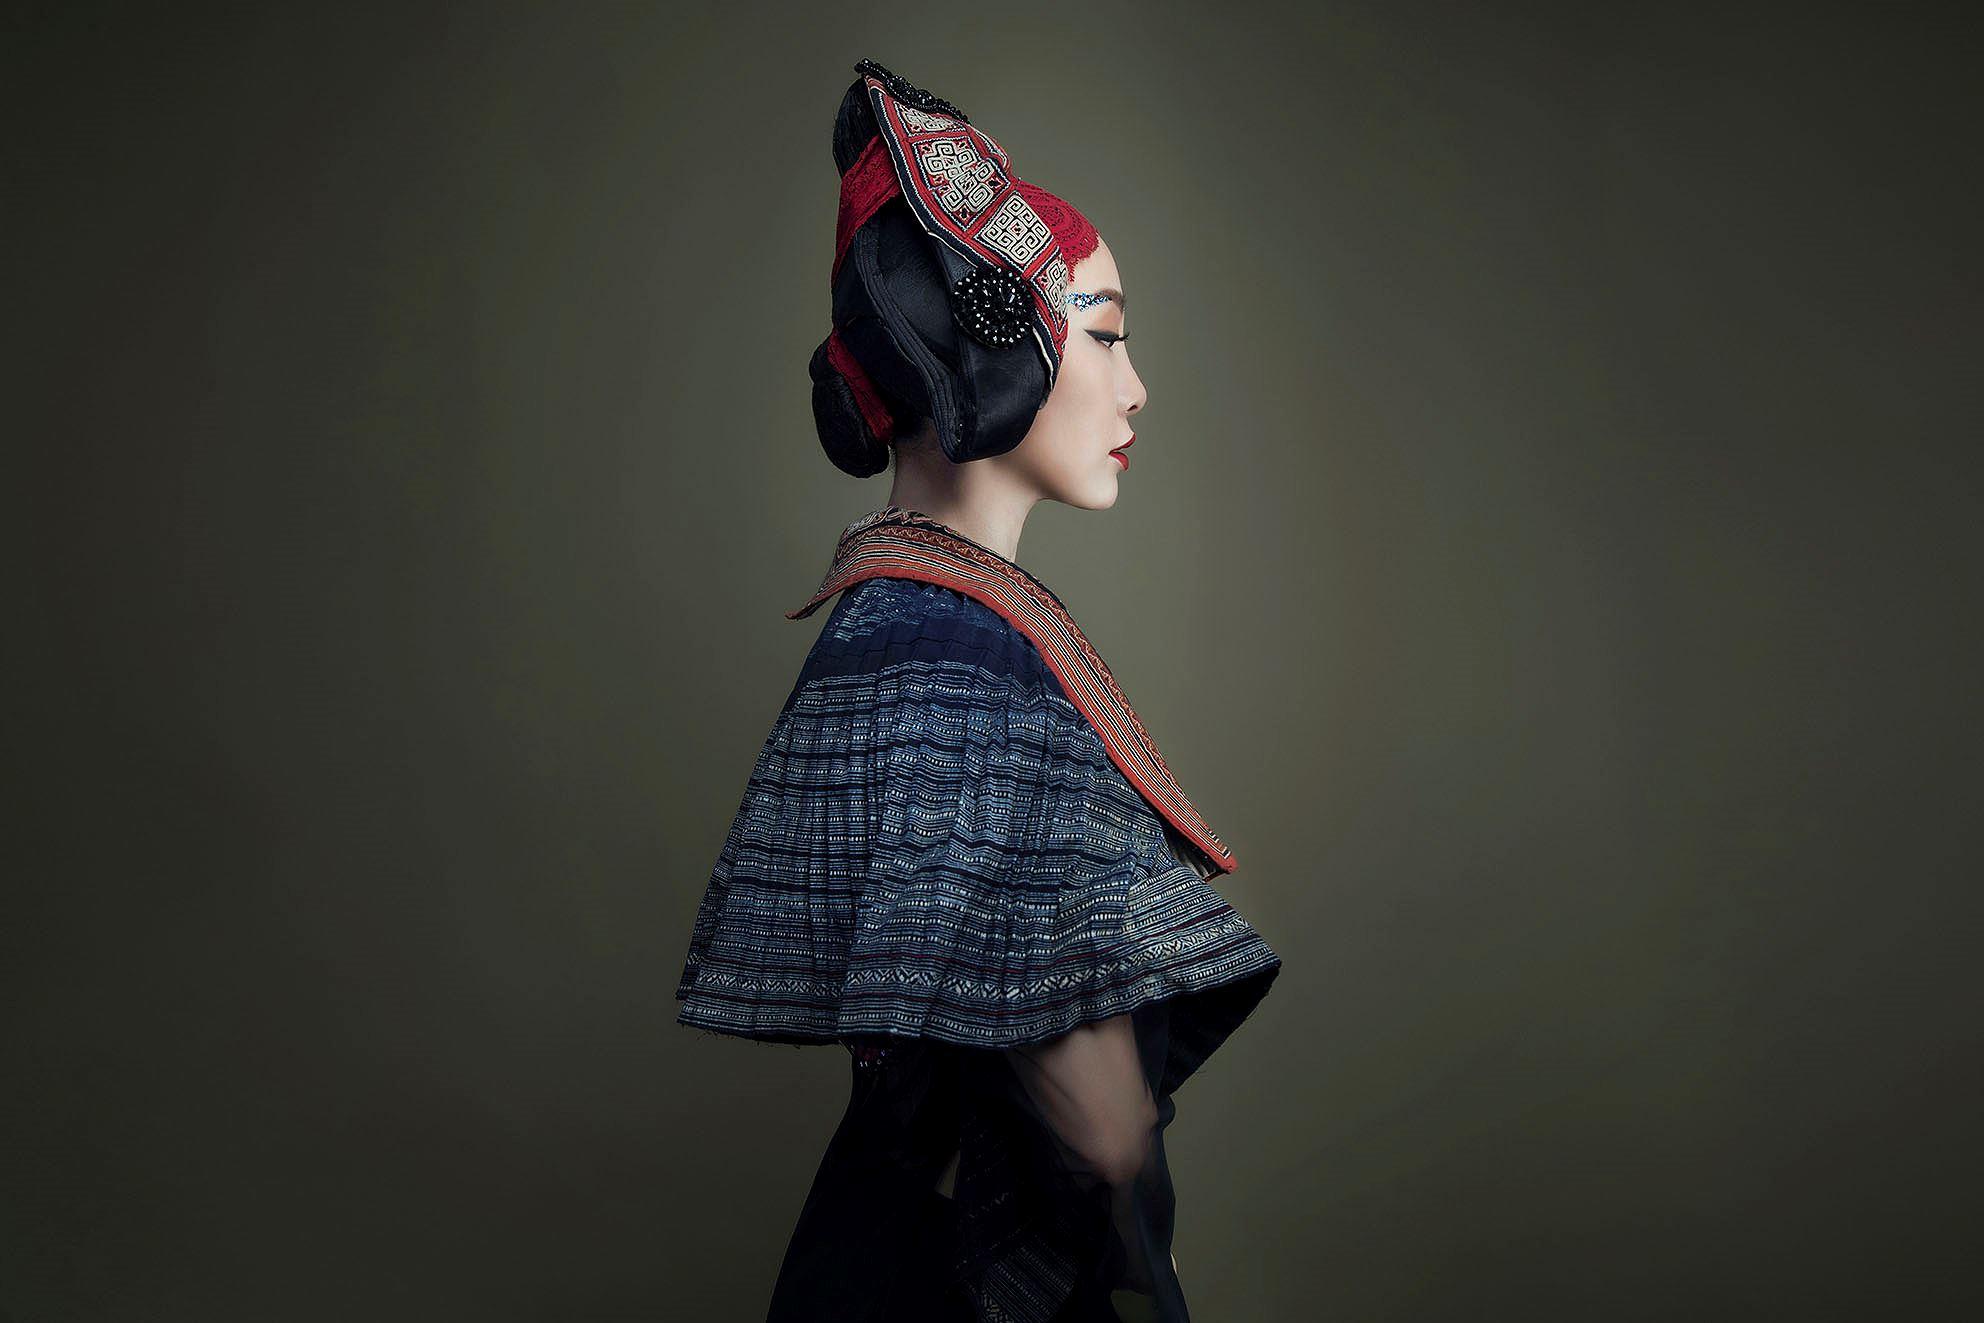 'Chim công làng múa' Linh Nga hóa nàng xuân Tây Bắc với áo dài hoa ban Ảnh 5